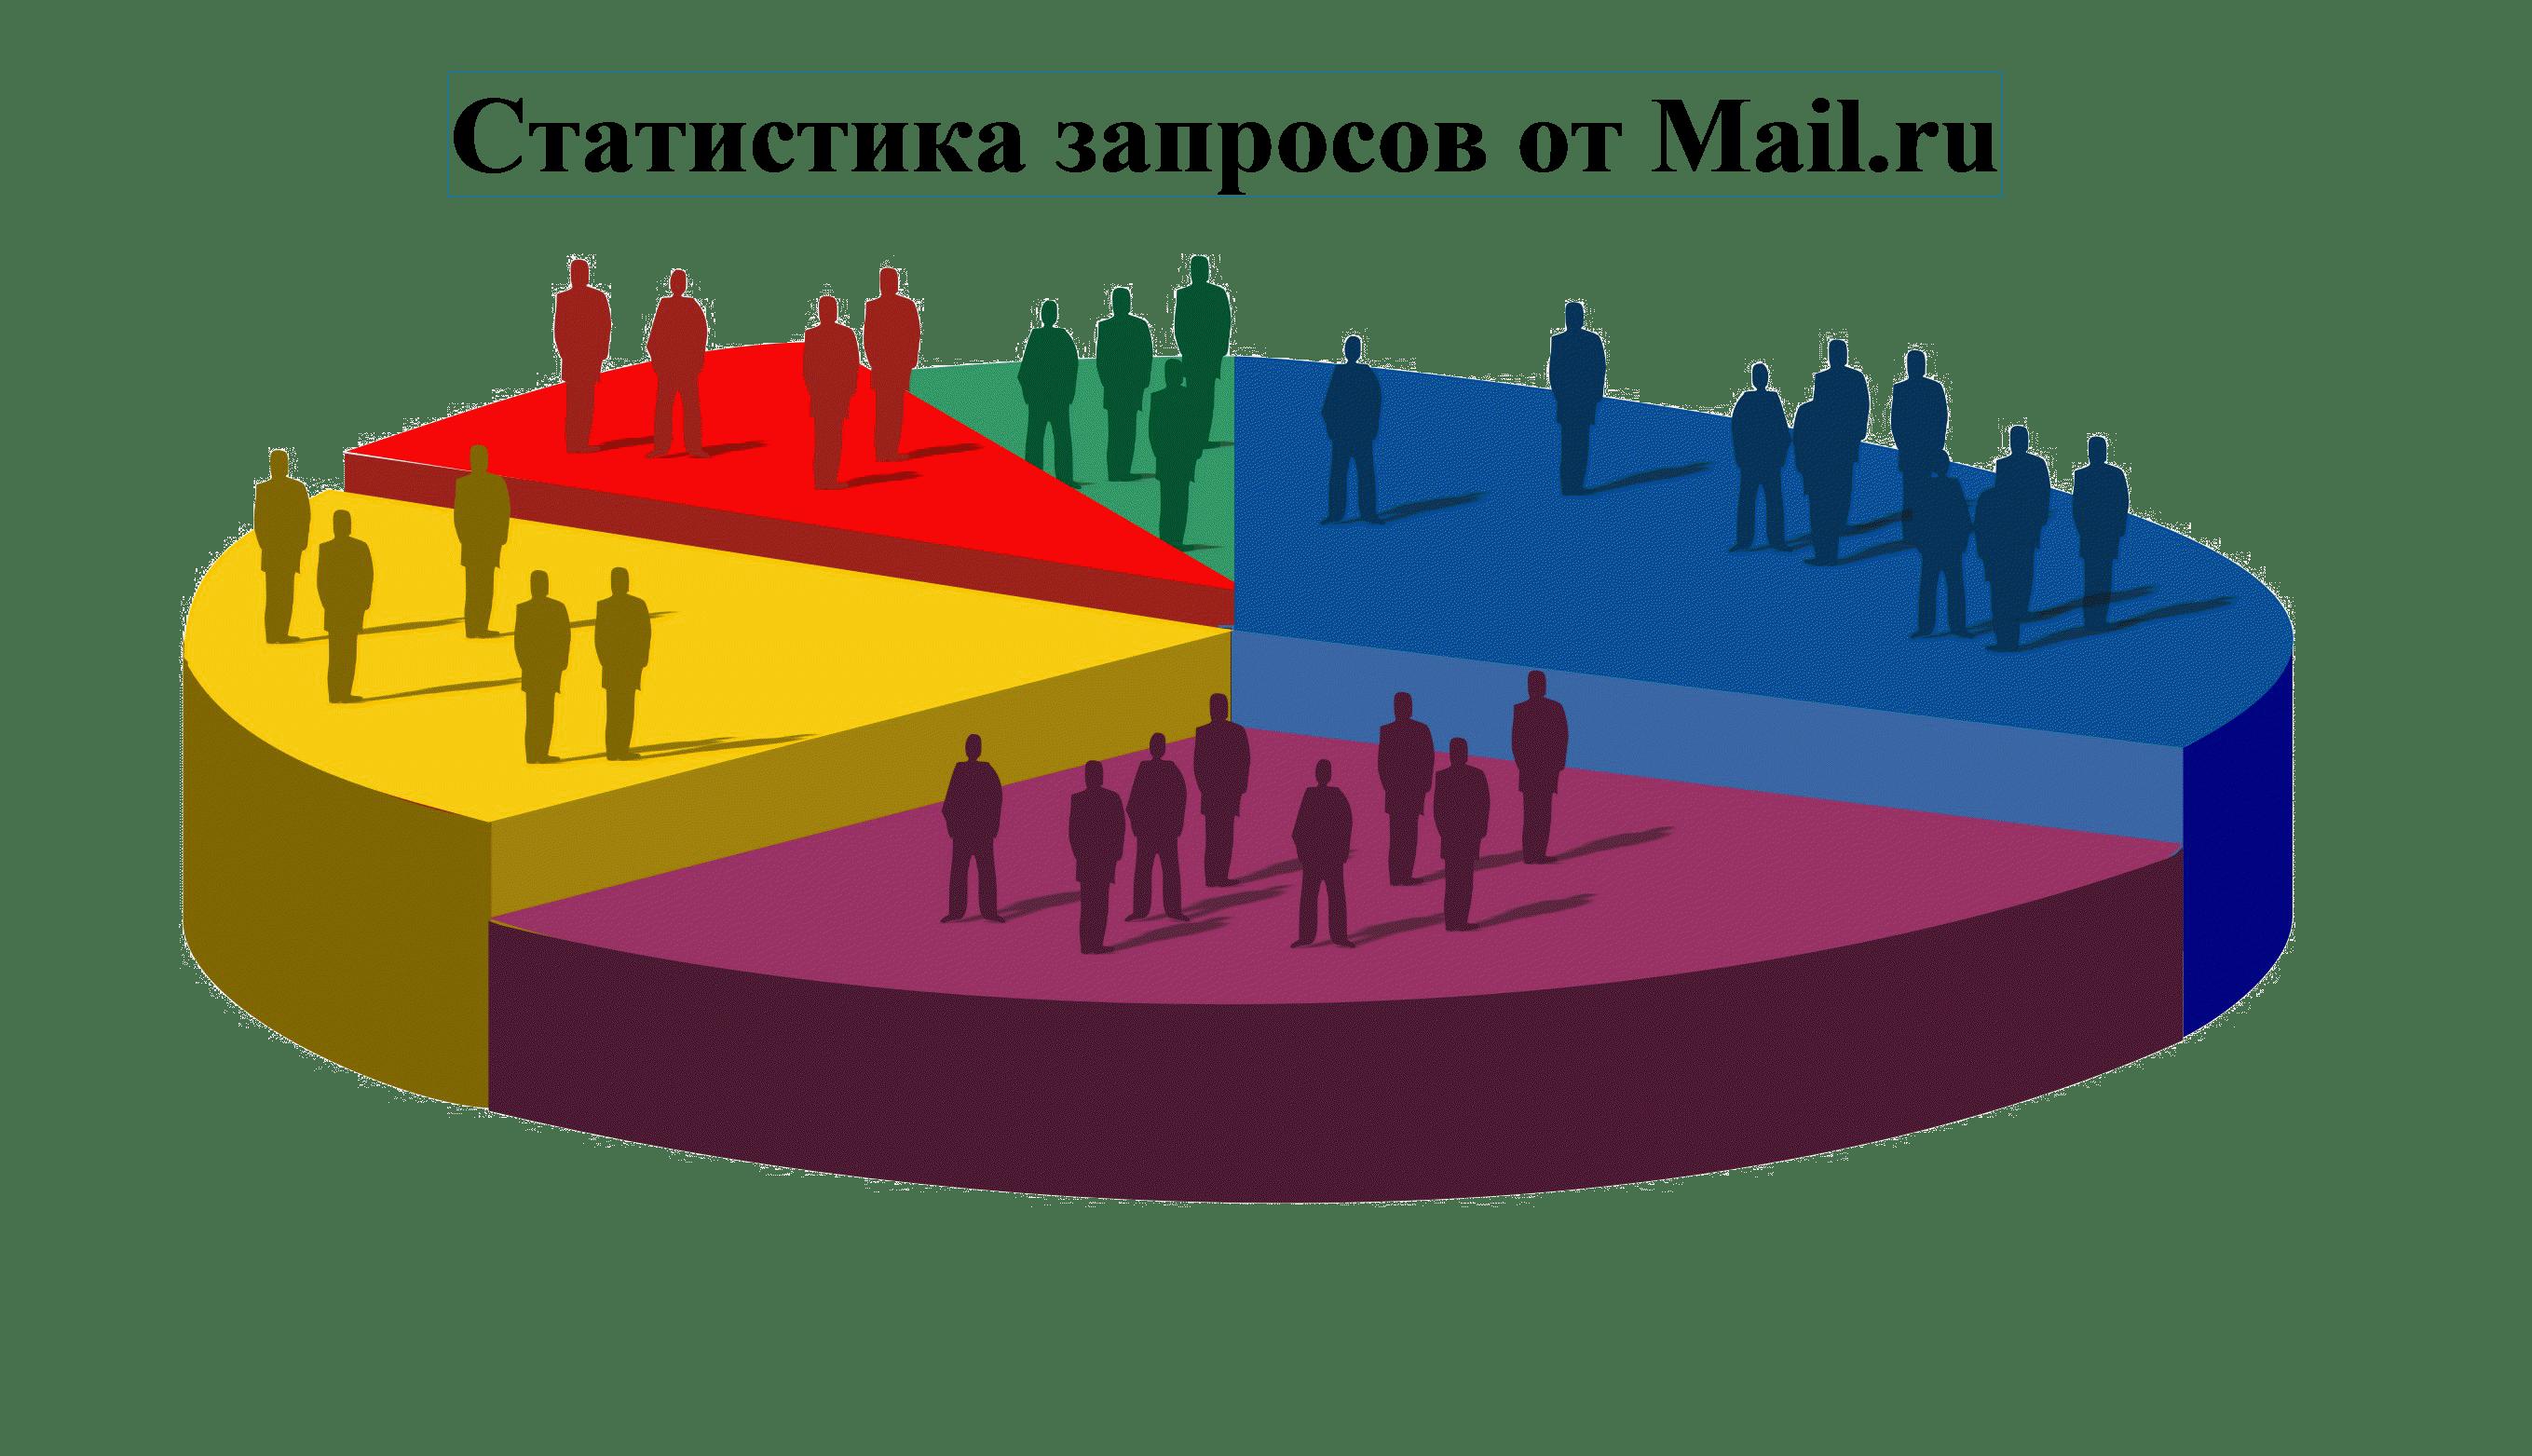 статистика запросов mail, статистика запросов mail.ru, Статистика запросов от Mail.ru